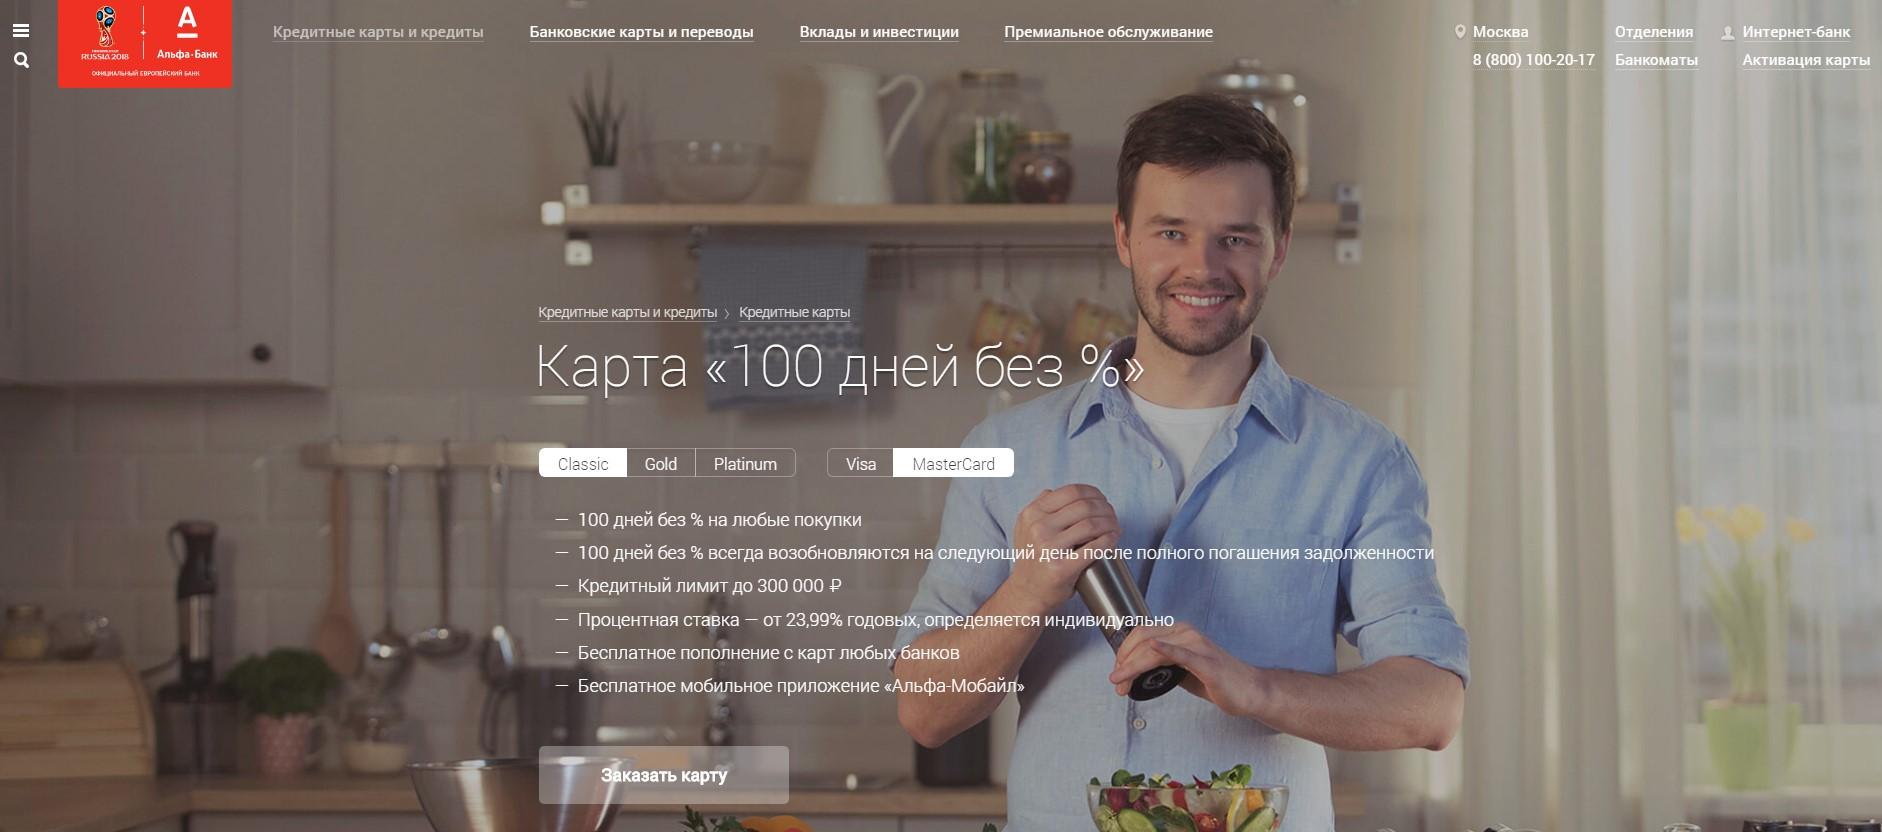 Предложения для клиентов